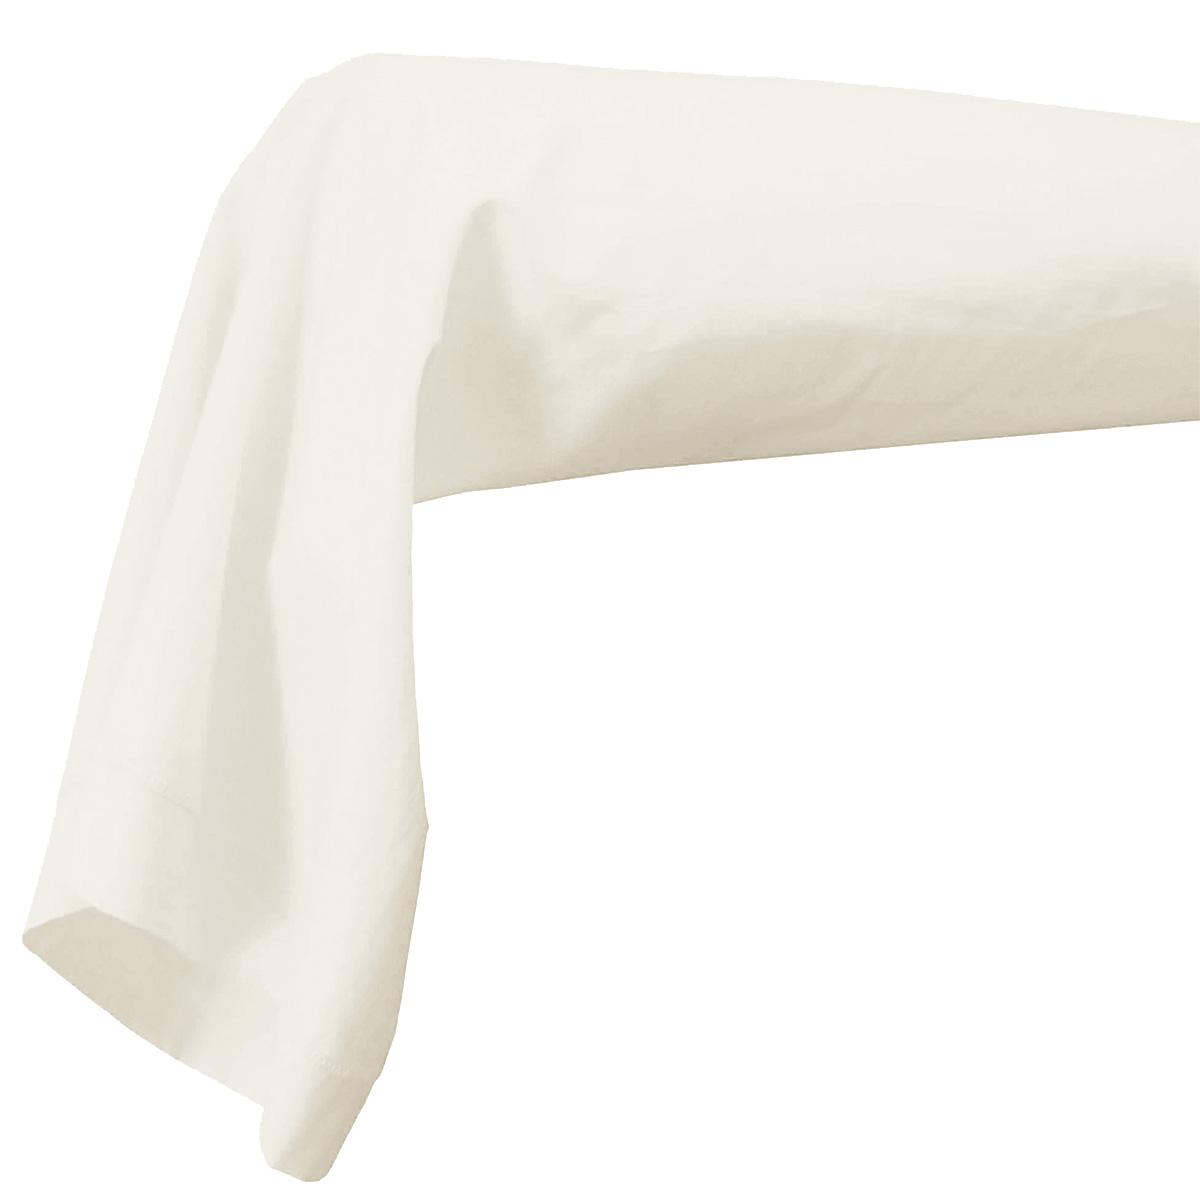 Taie de Traversin Unie en 100% Coton (Blanc)